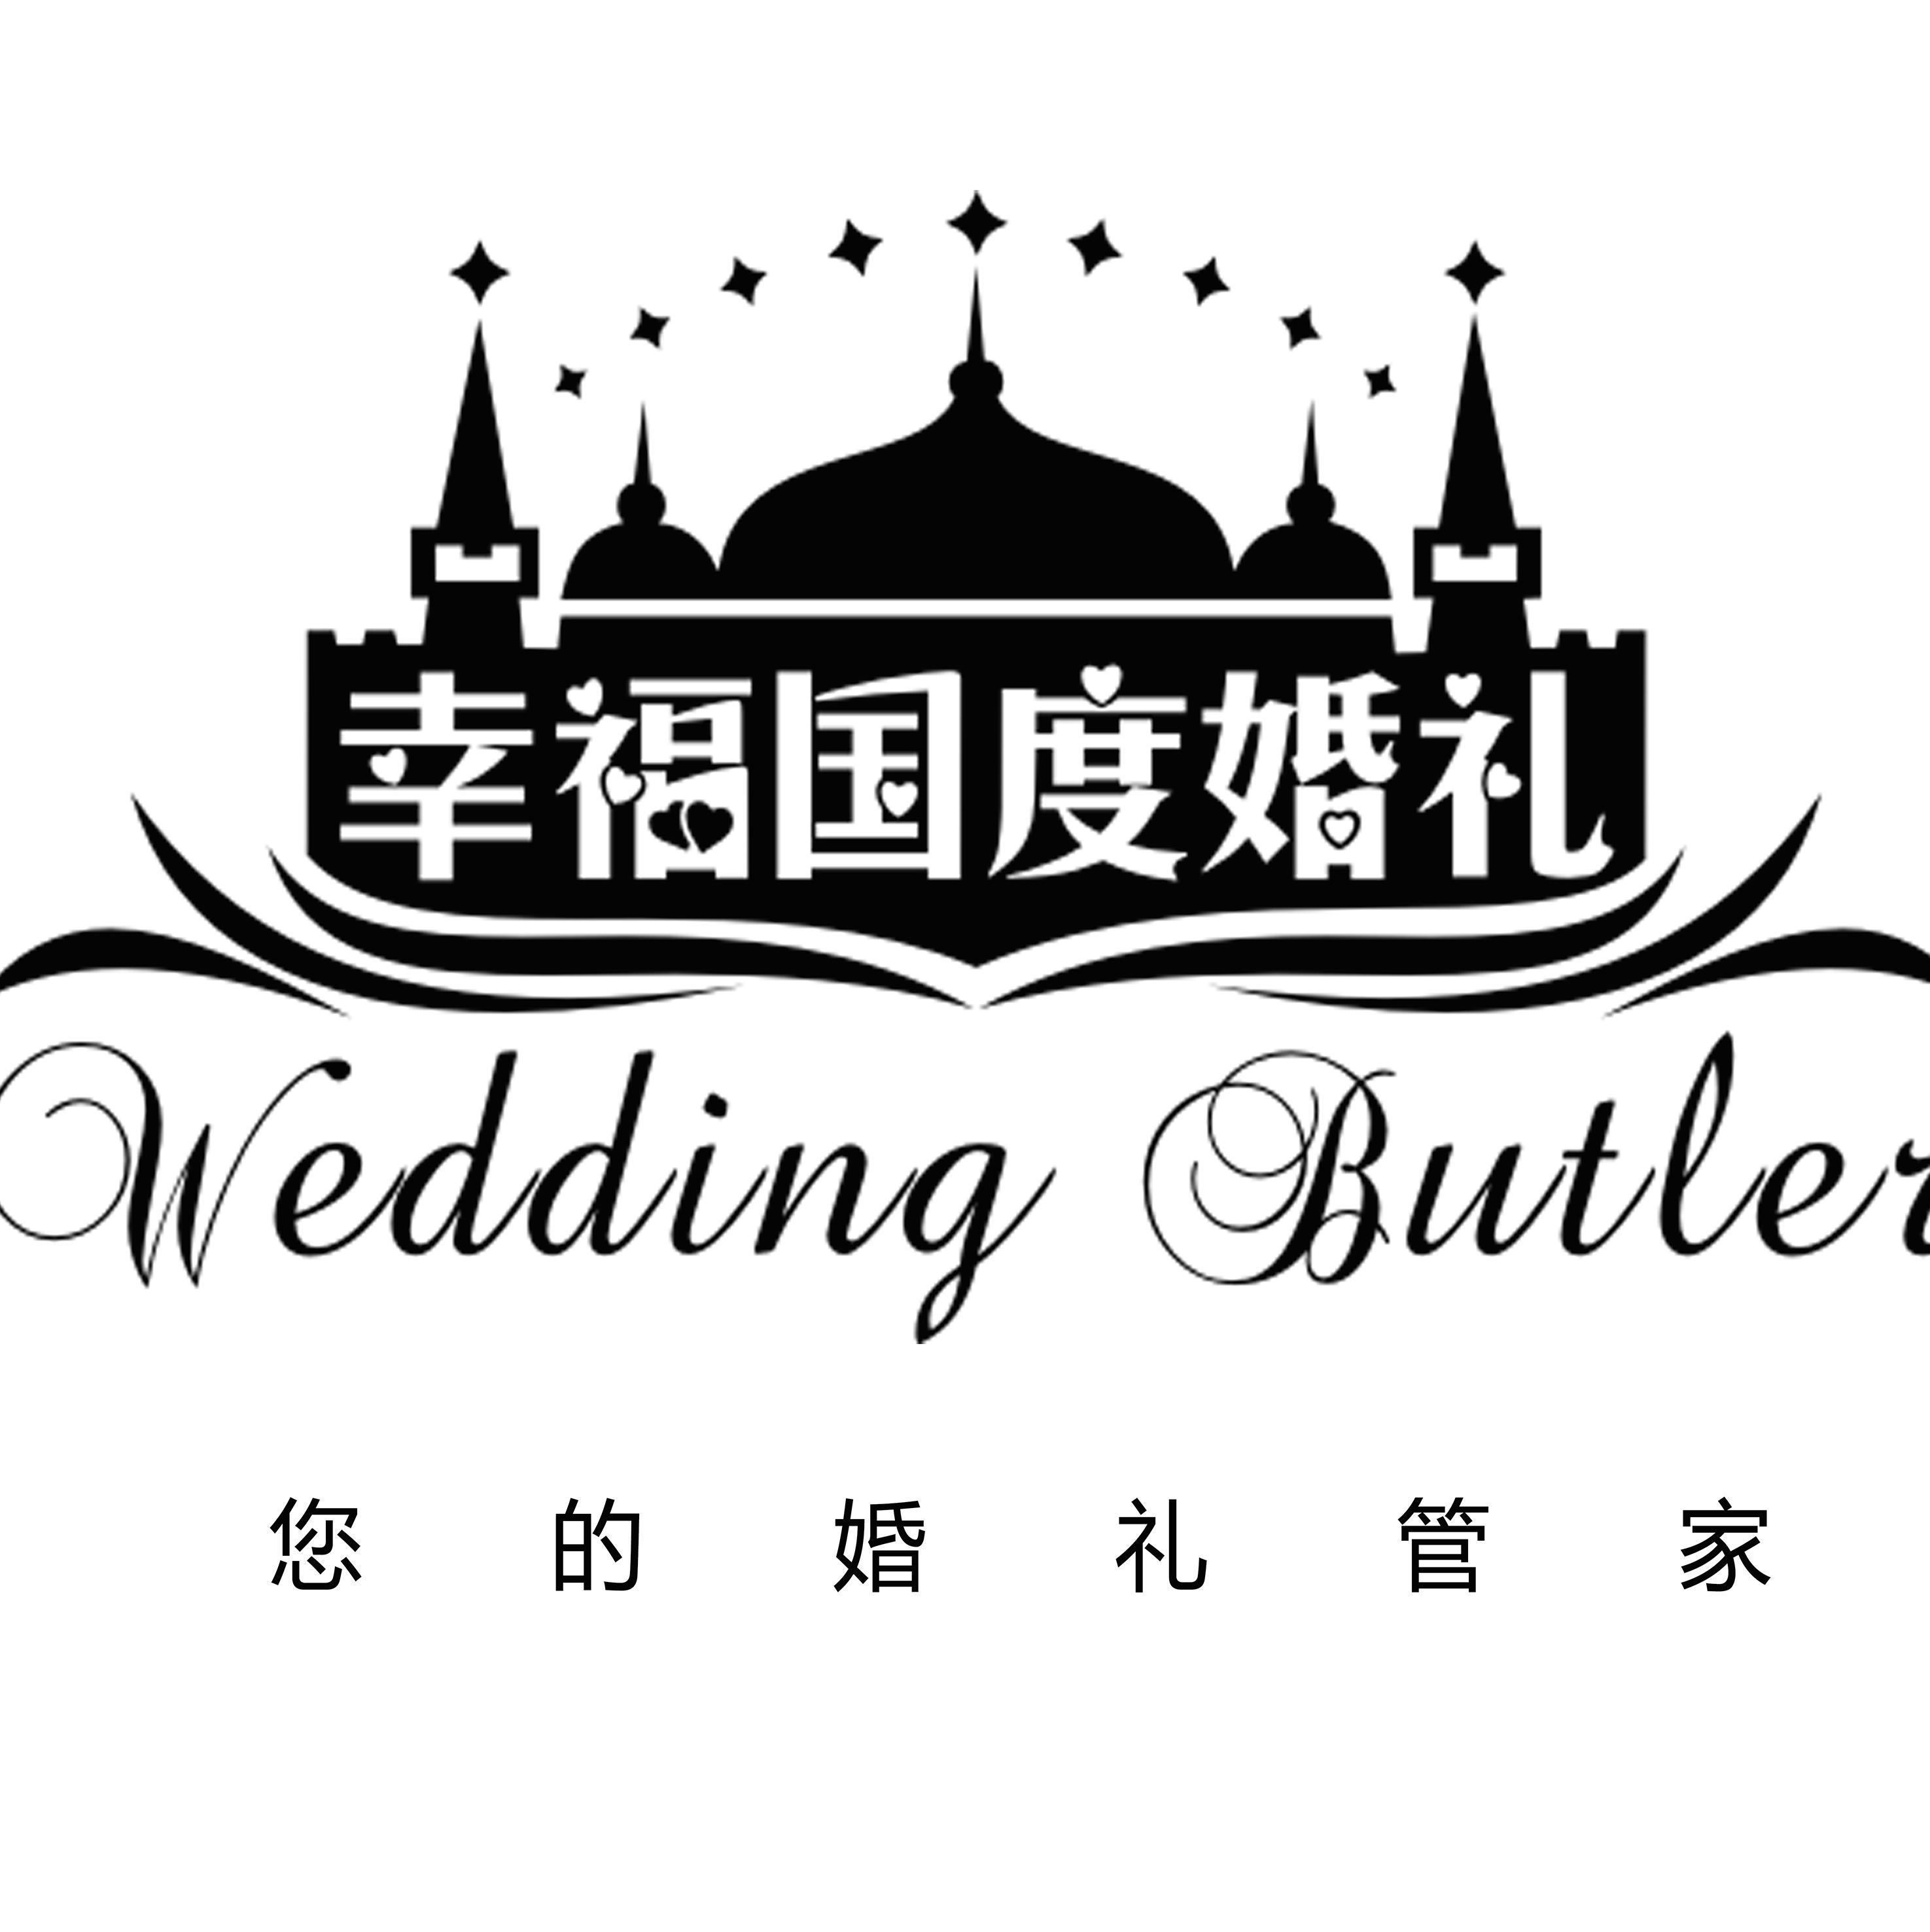 厦门幸福国度婚礼